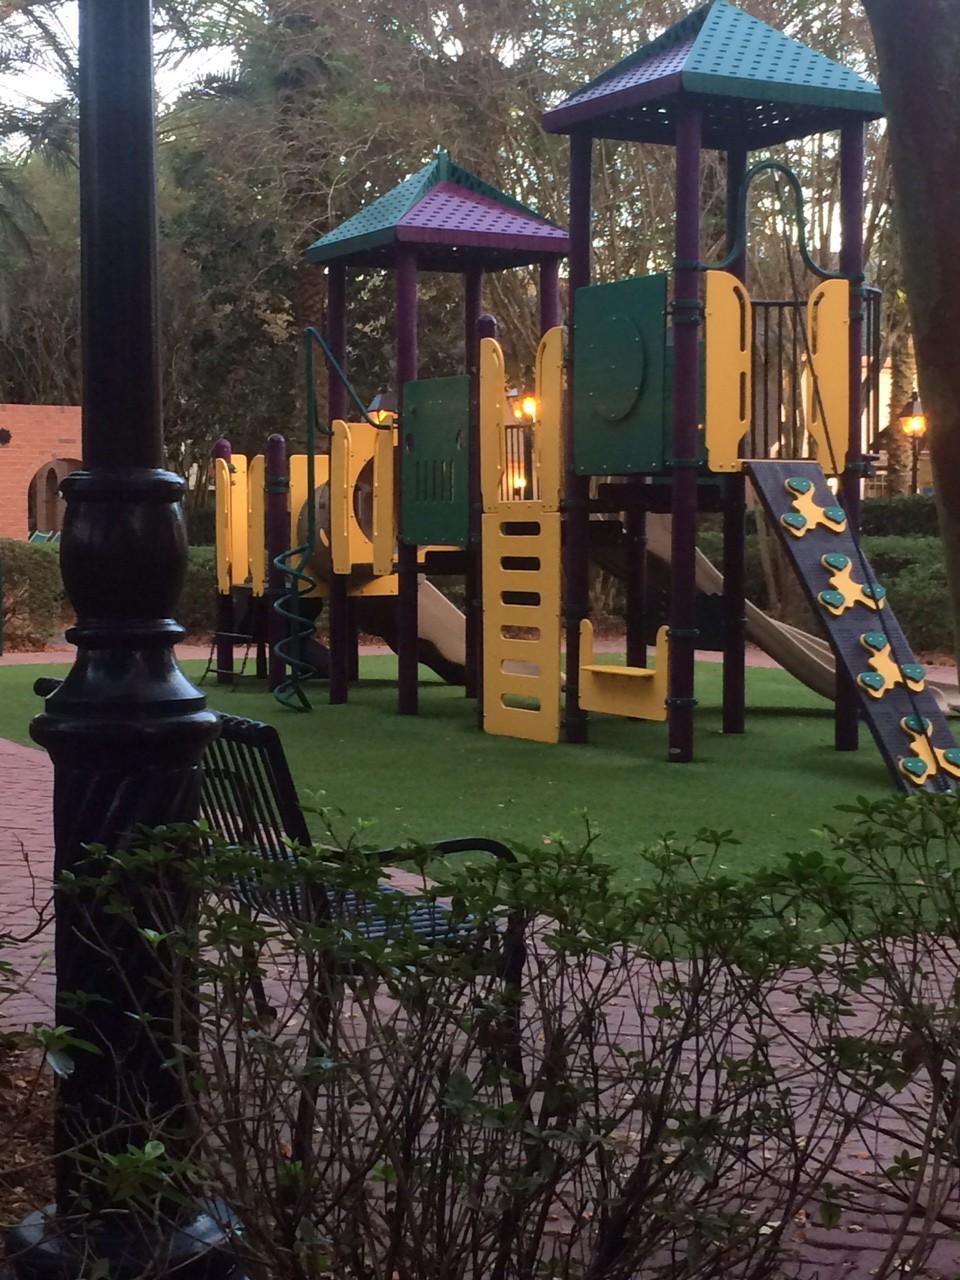 Love the kid's playground.